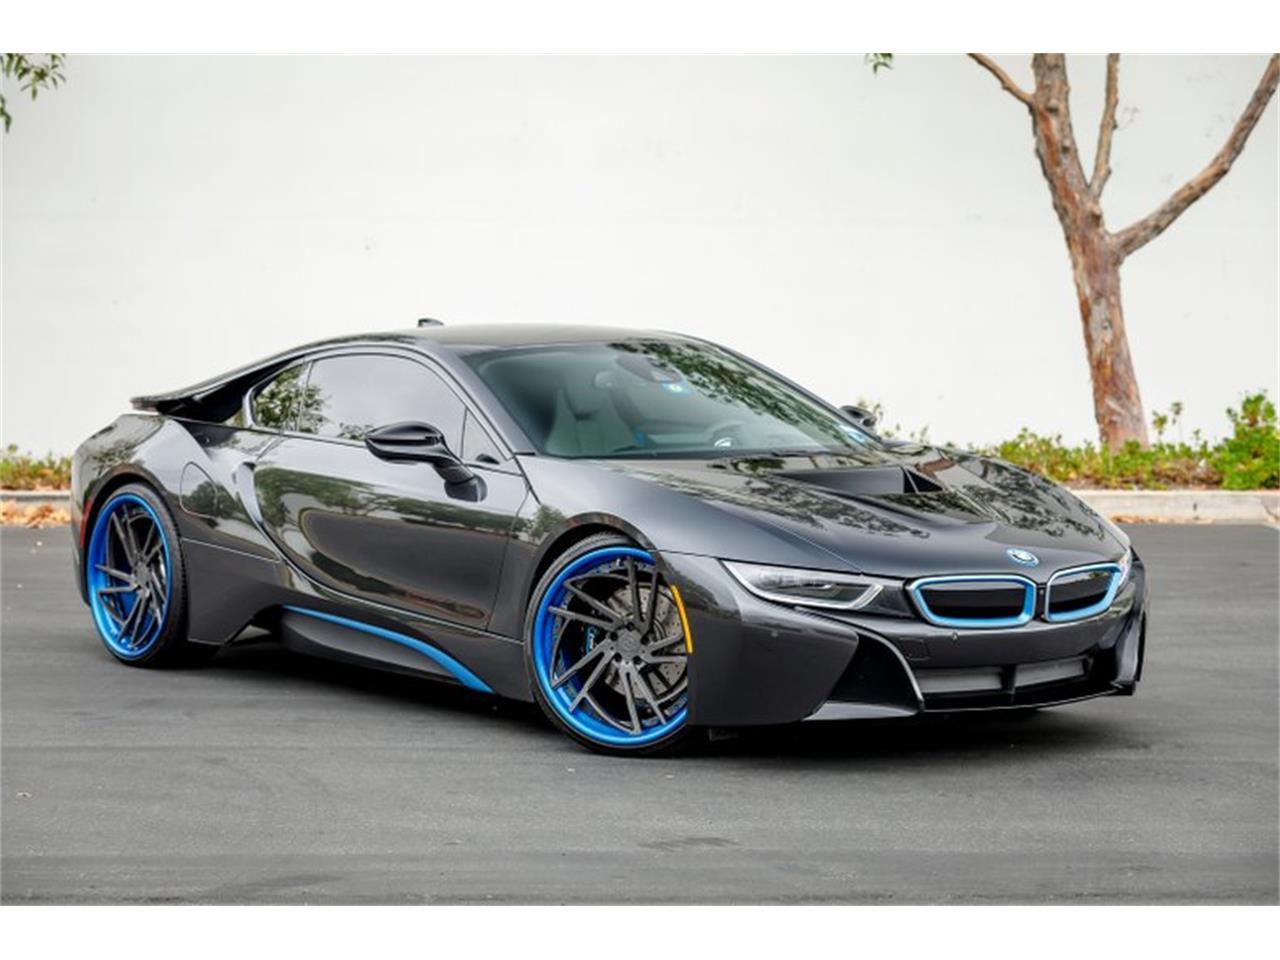 2014 BMW i8 for Sale | ClassicCars.com | CC-1173126